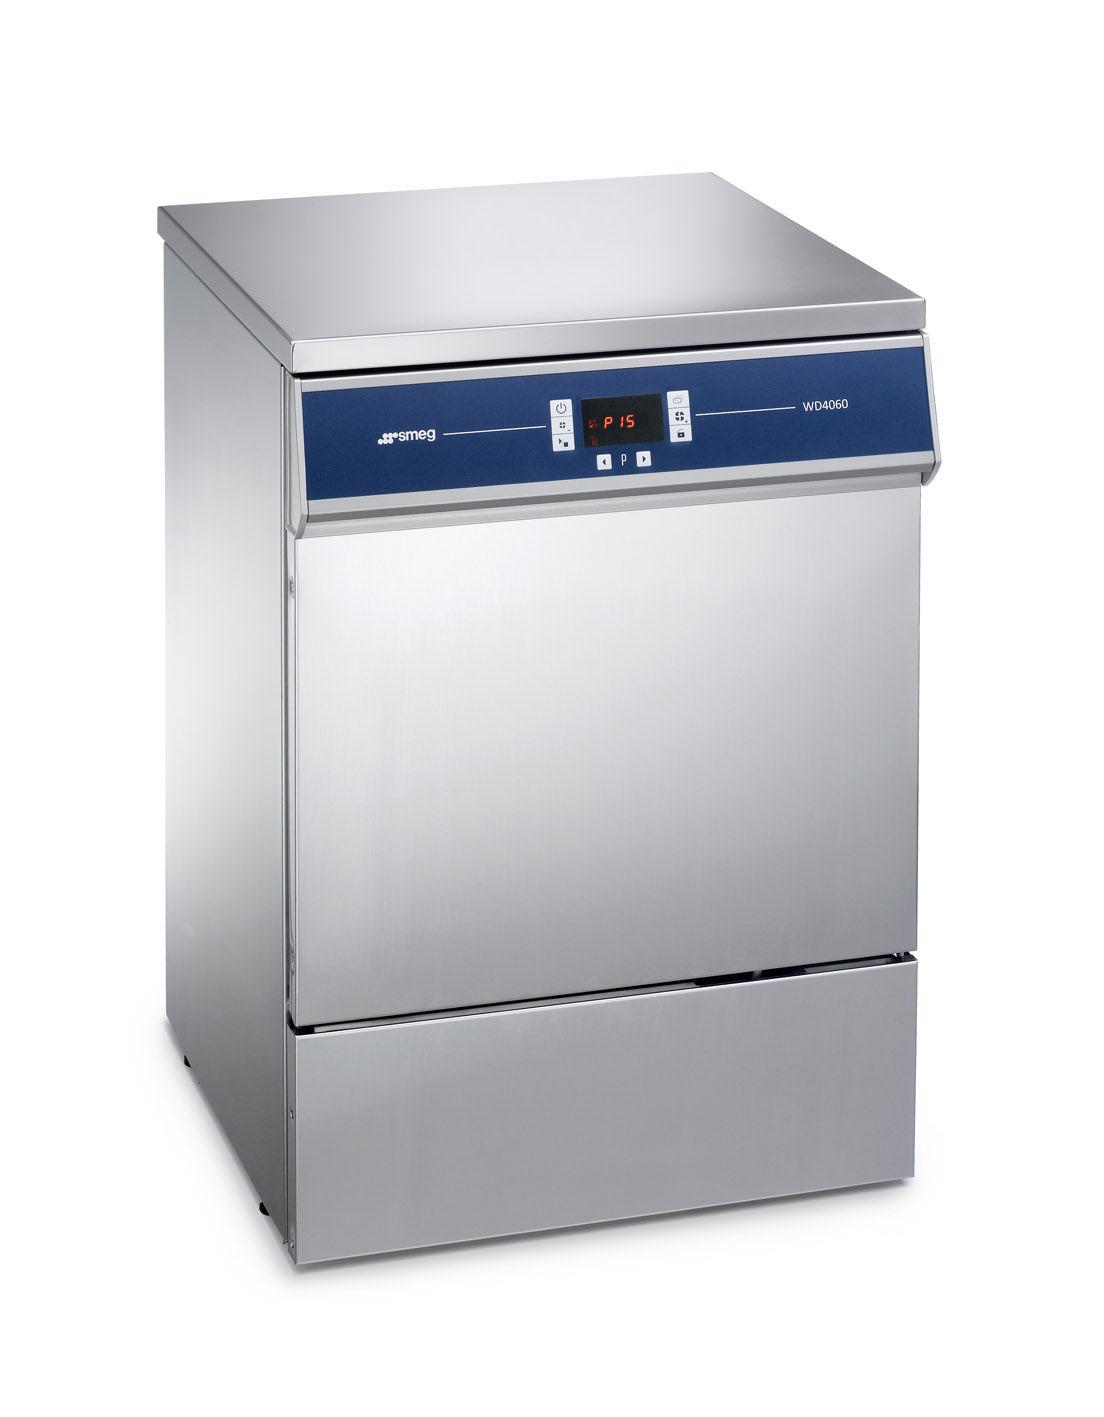 Lavatrice Disinfettatrice Con Generatore Di Vapore / Con Pompette Dosatrici  Per Lu0027addolcimento Dellu0027acqua / Con Asciugatura Ad Aria Calda   WD4060